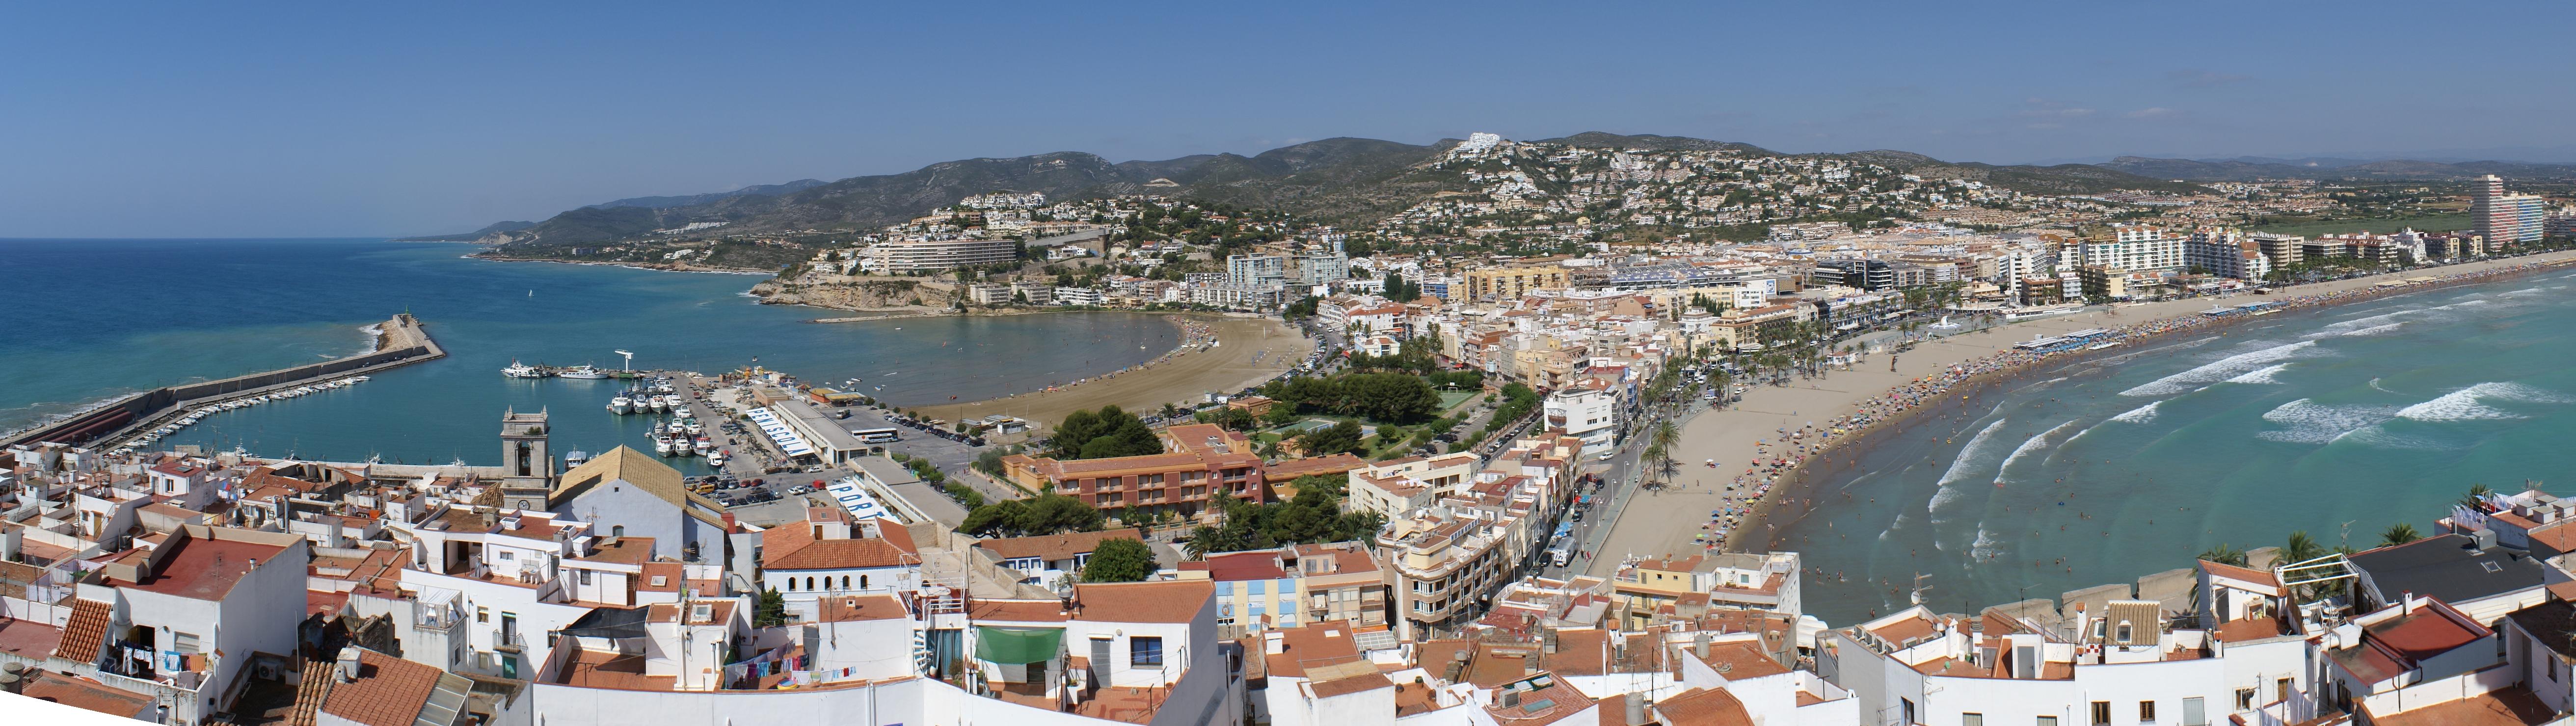 Hotel A Benicarlo Espagne